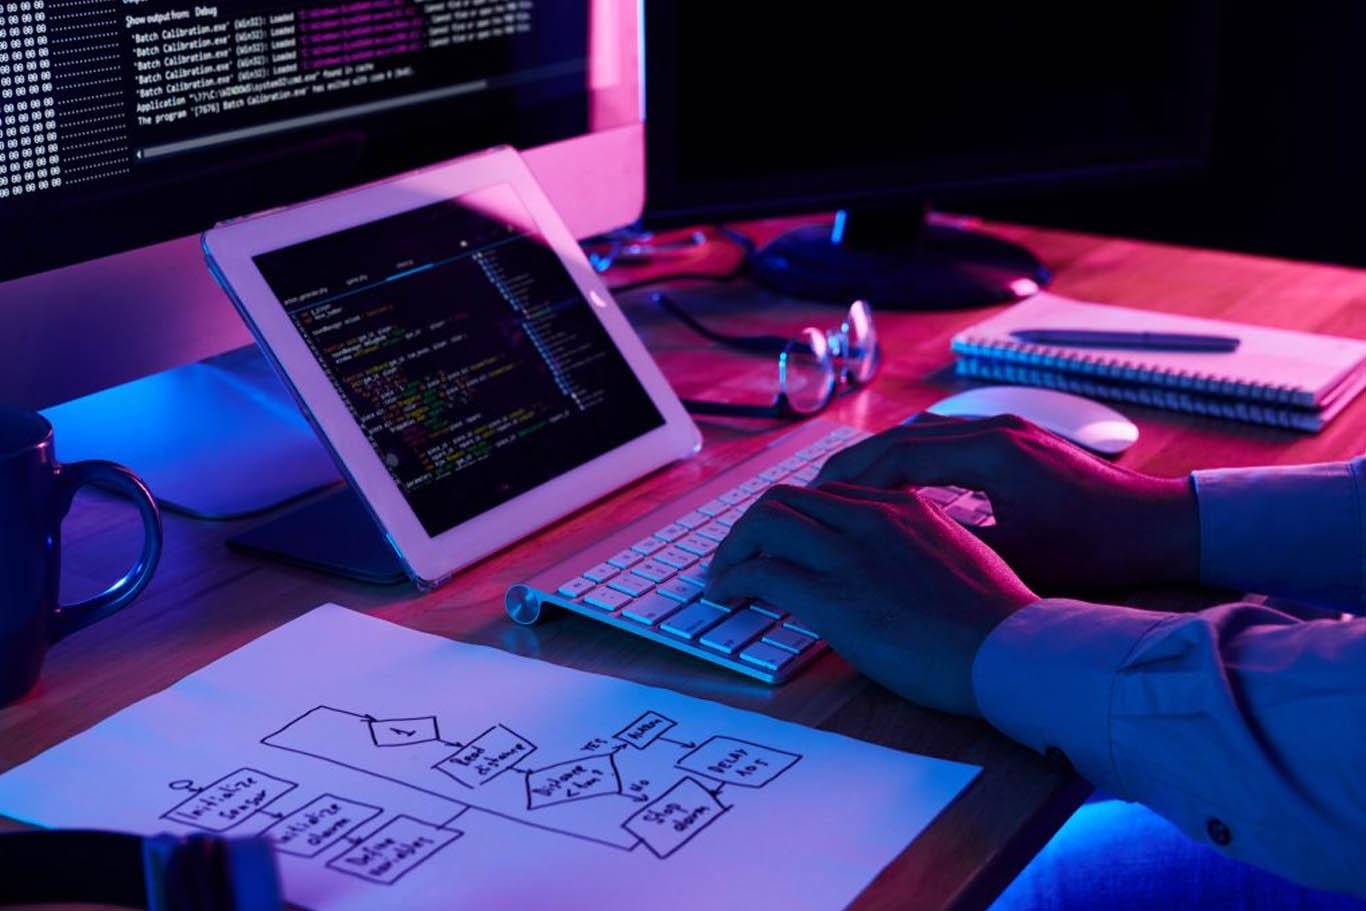 استخدام برنامه نویس وب در شرکت توسعه وب فرتاک